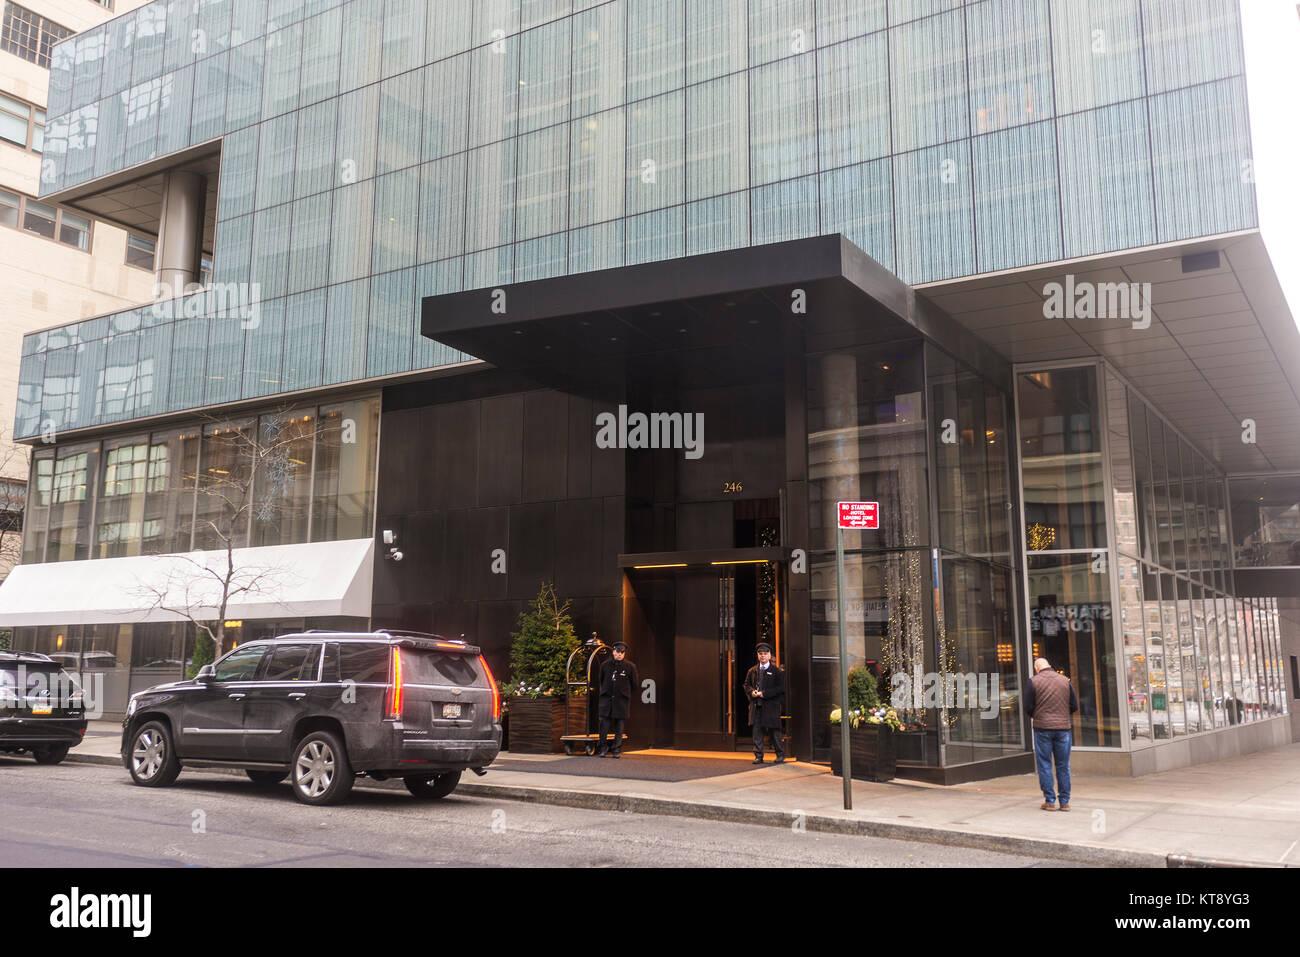 New York Ny Usa 22 December 2017 The Trump Soho Hotel At 246 Stock Photo Alamy